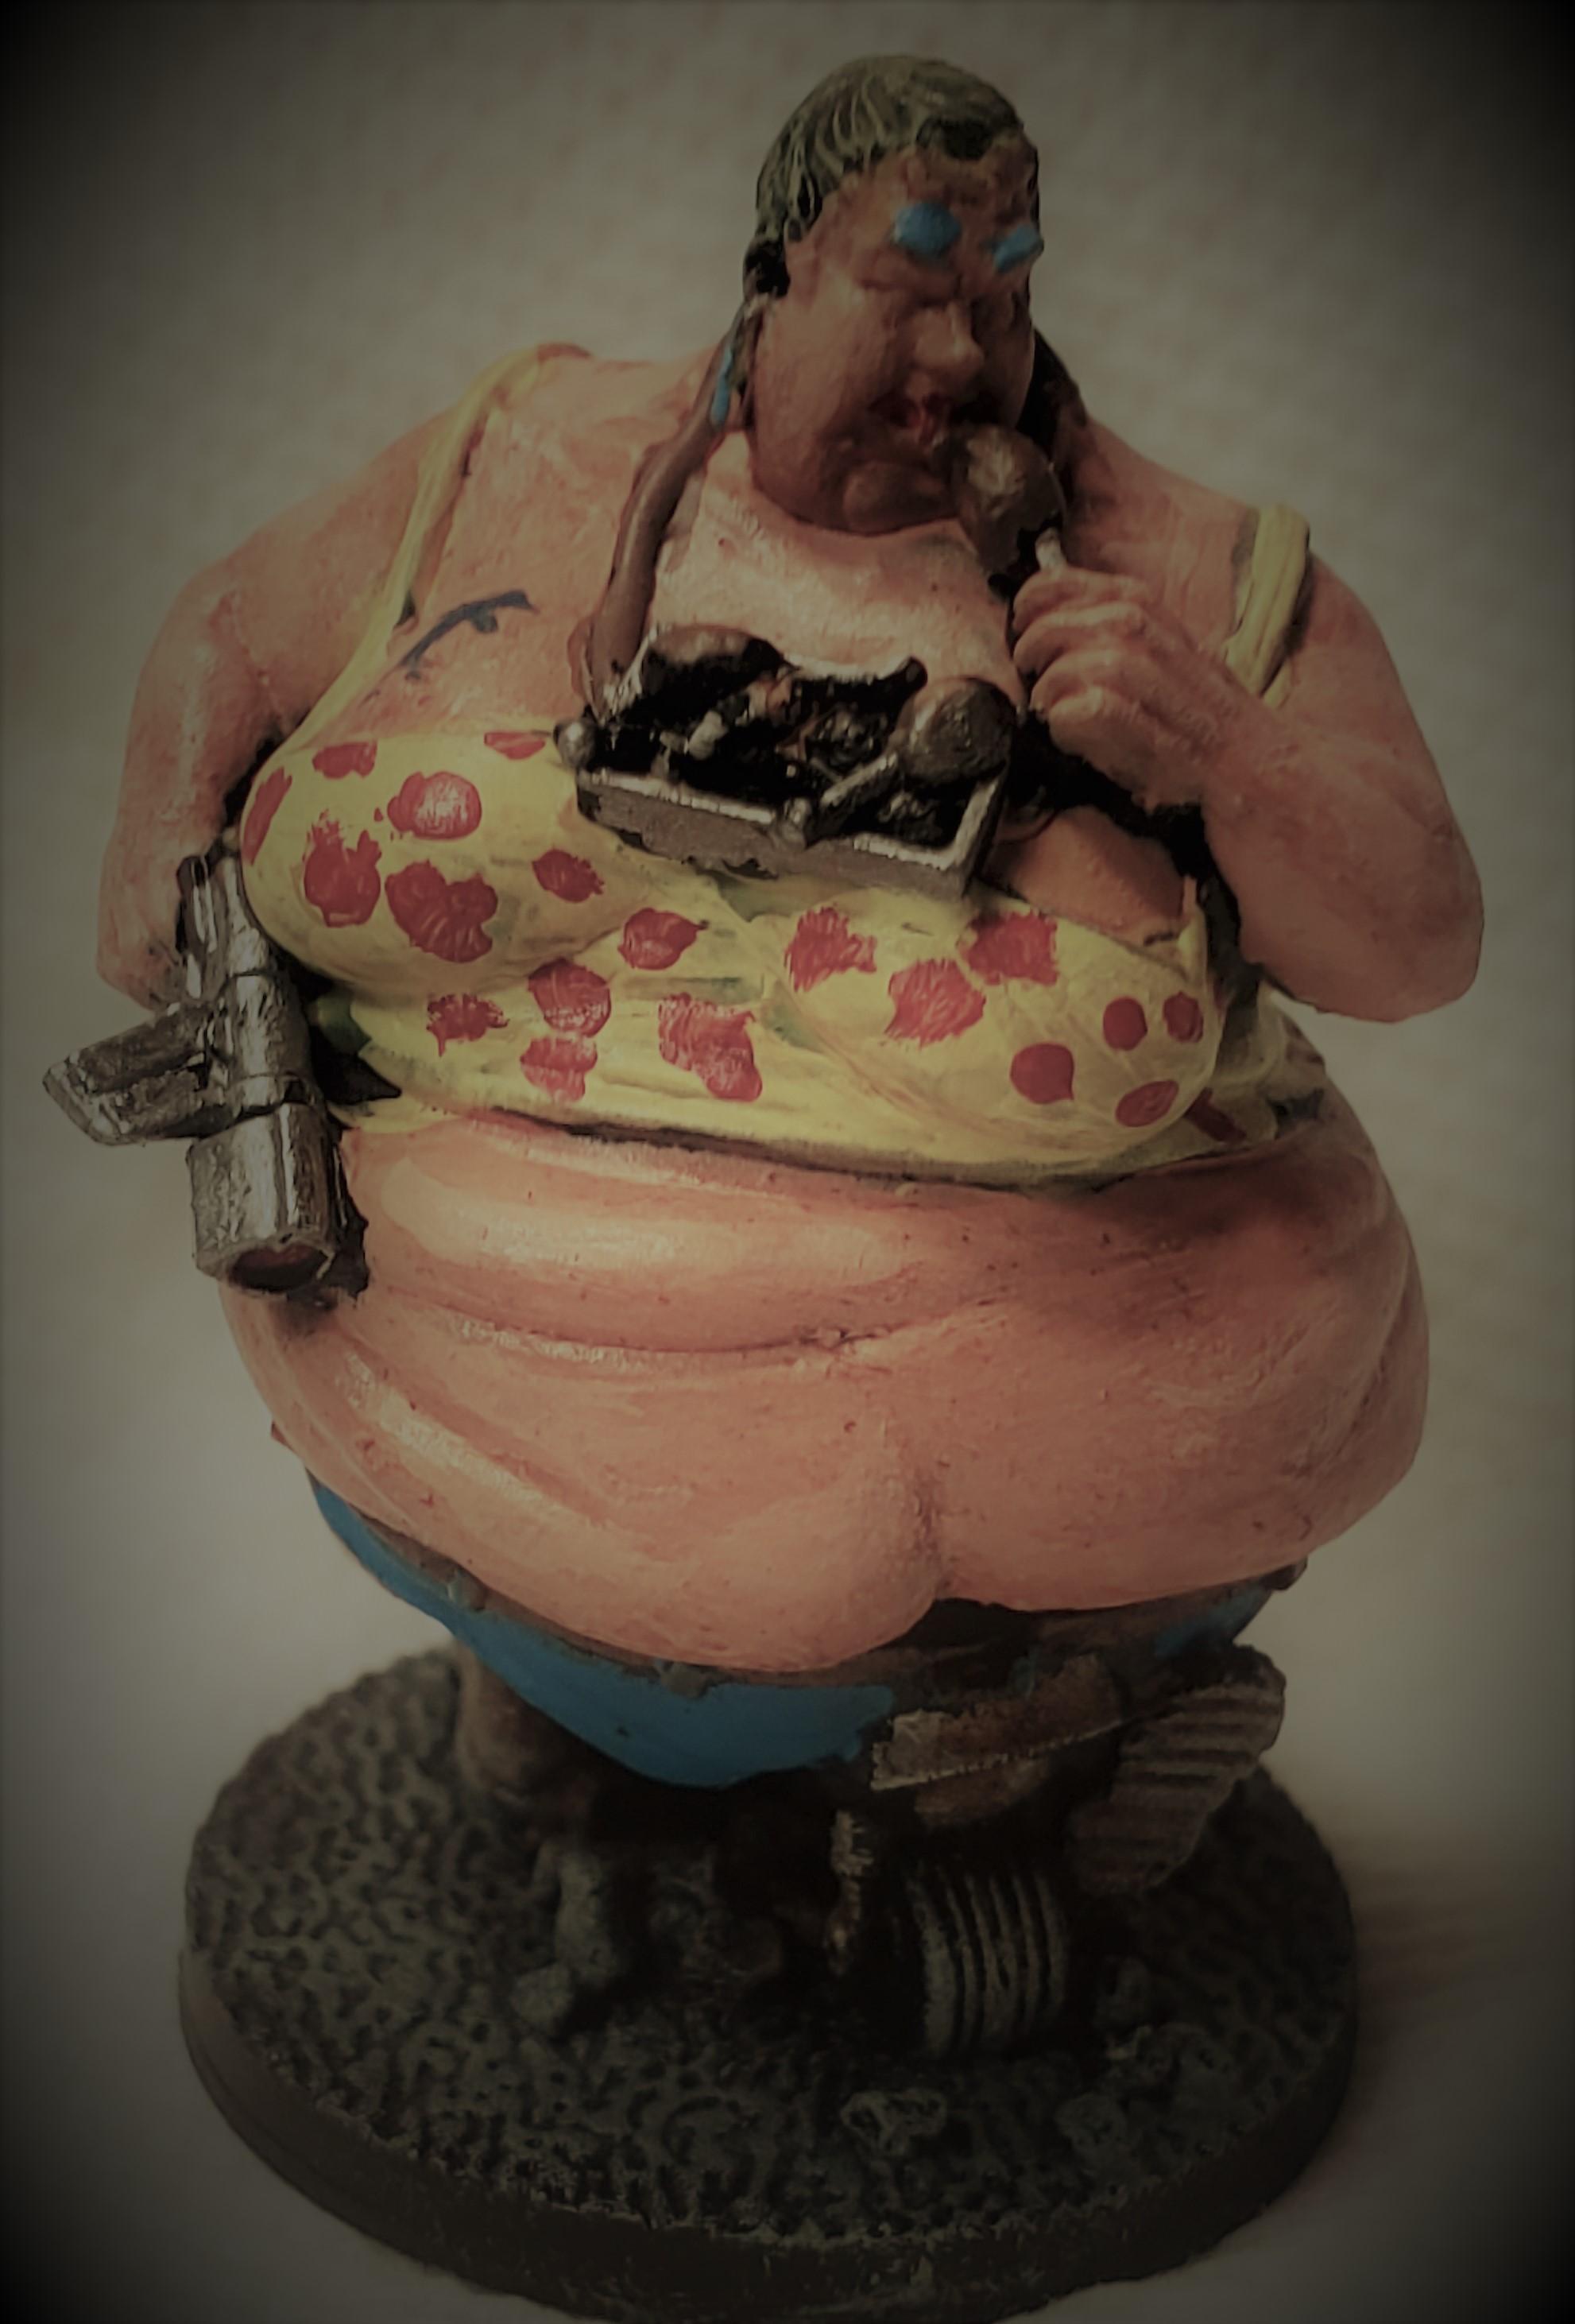 Fatties, Judge Dredd